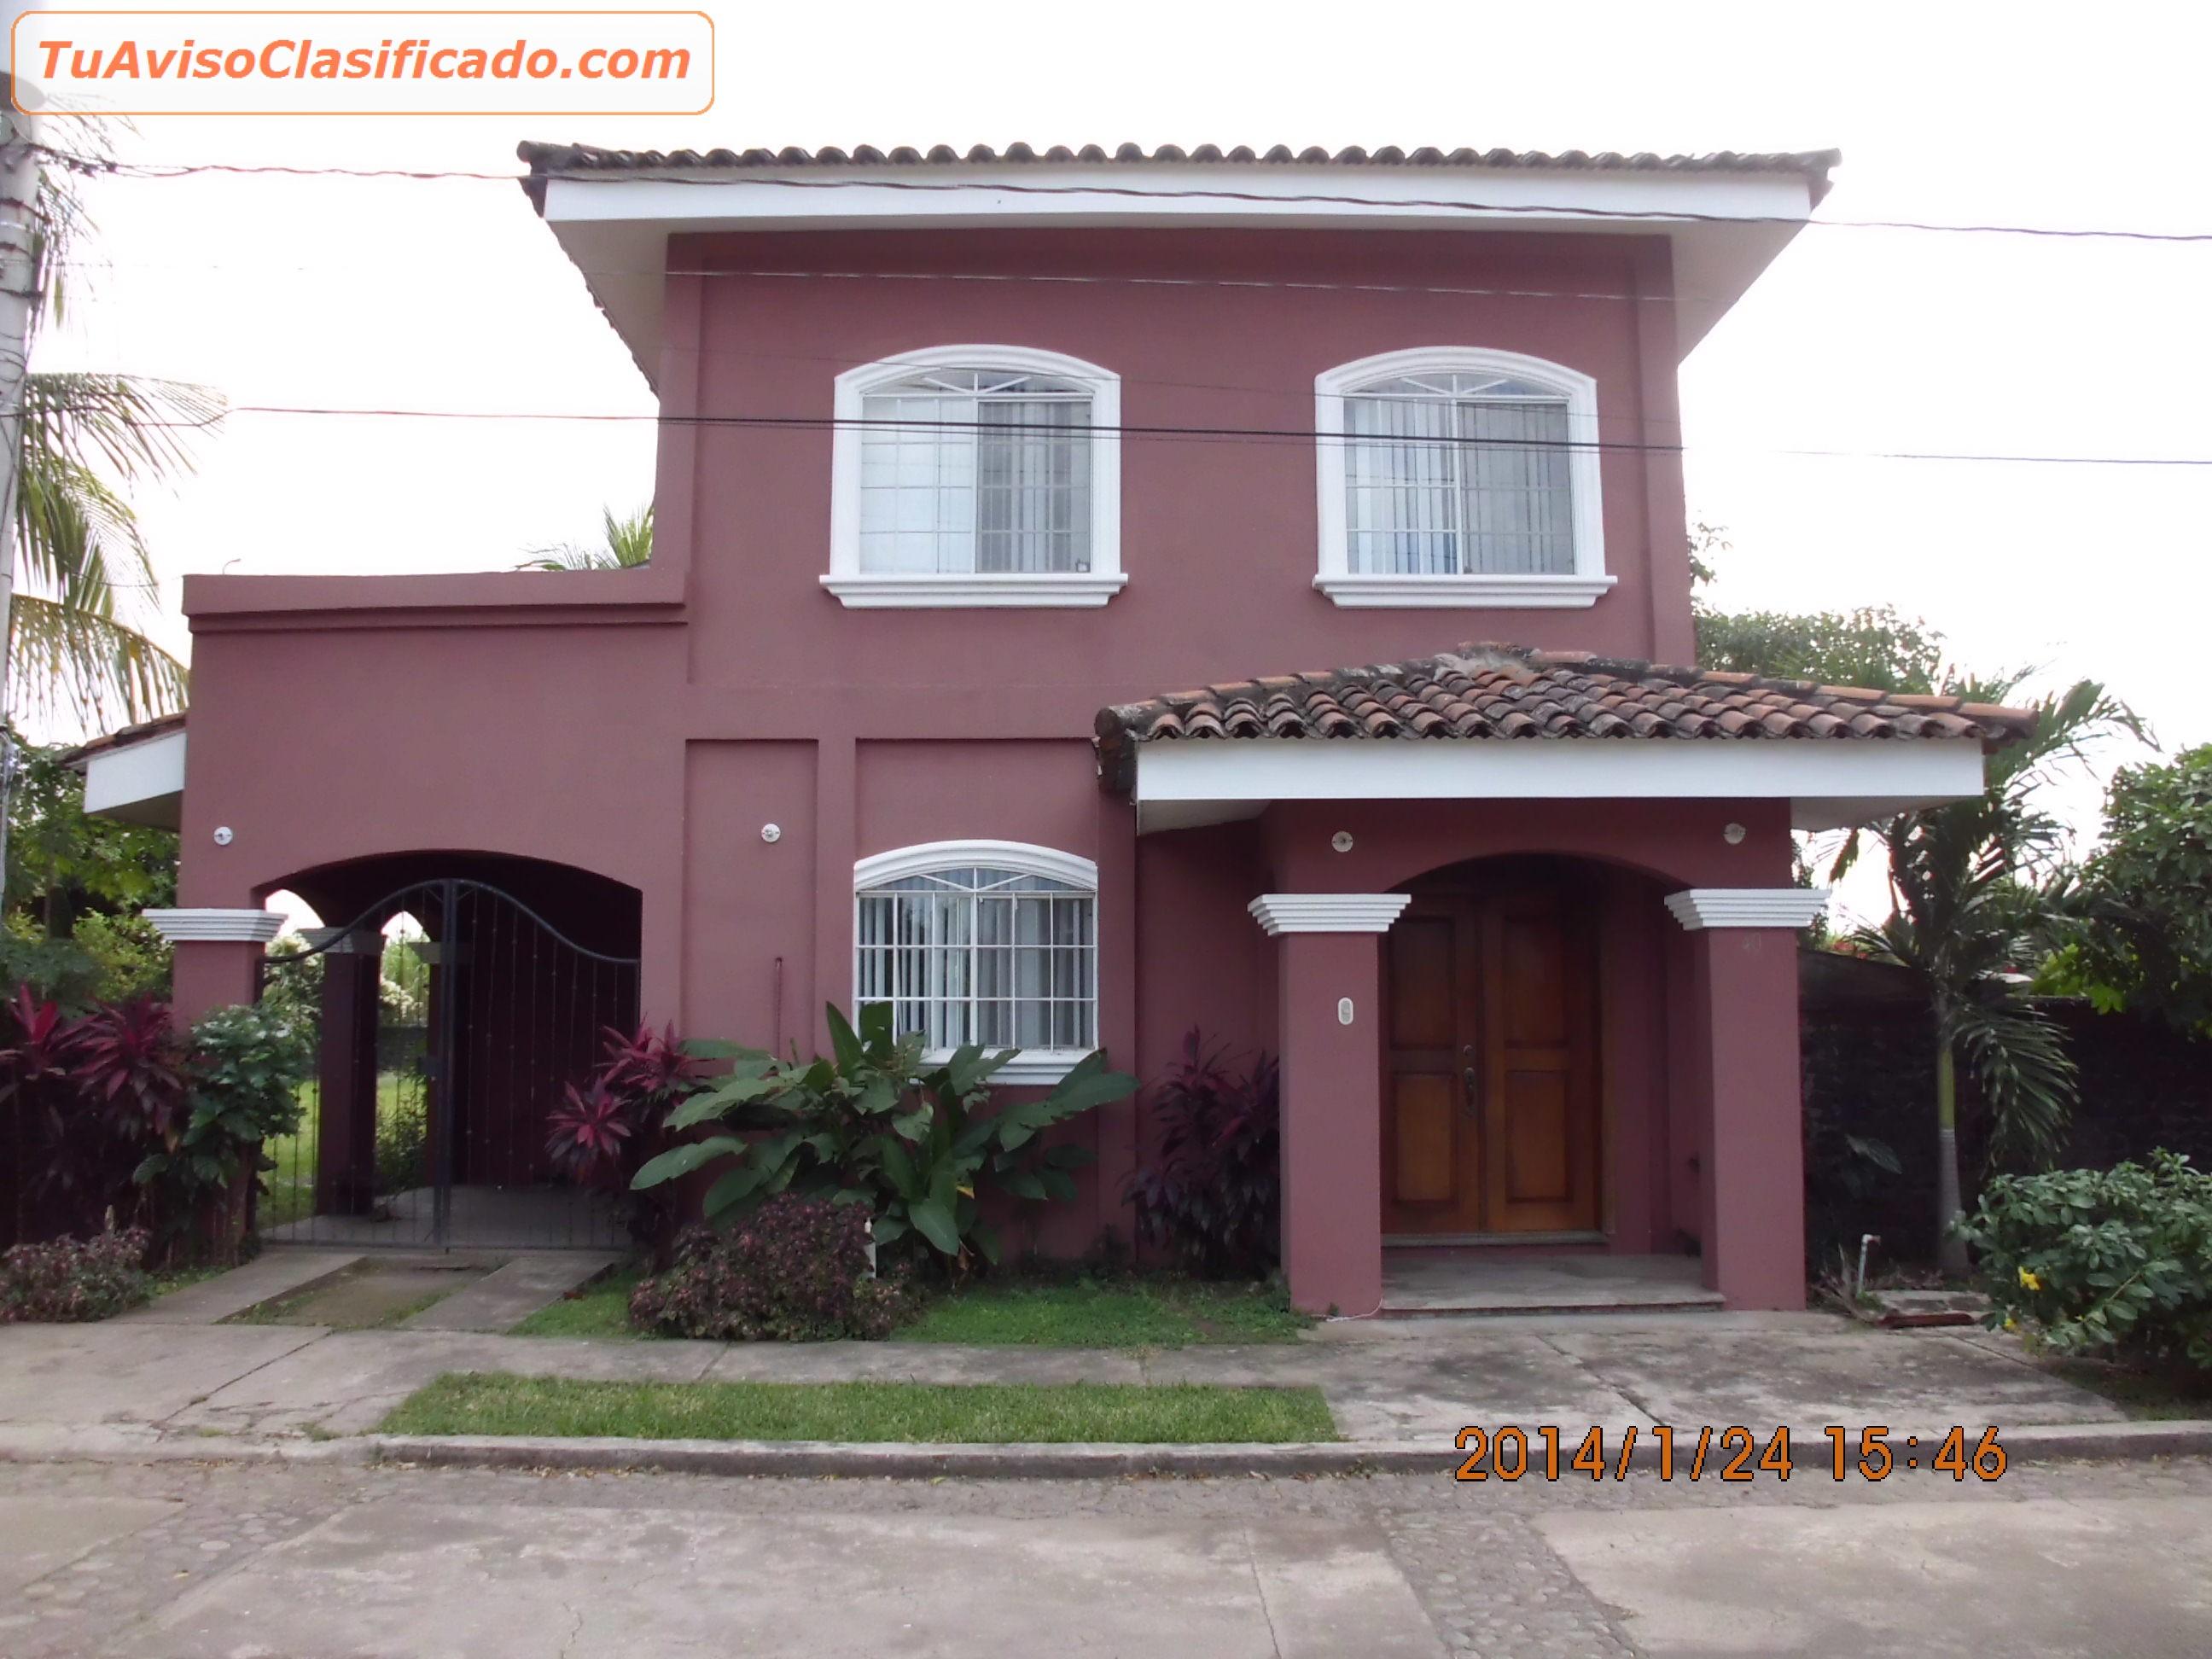 Casa De Alquiler Chinandega Hermosa Casa En Zona